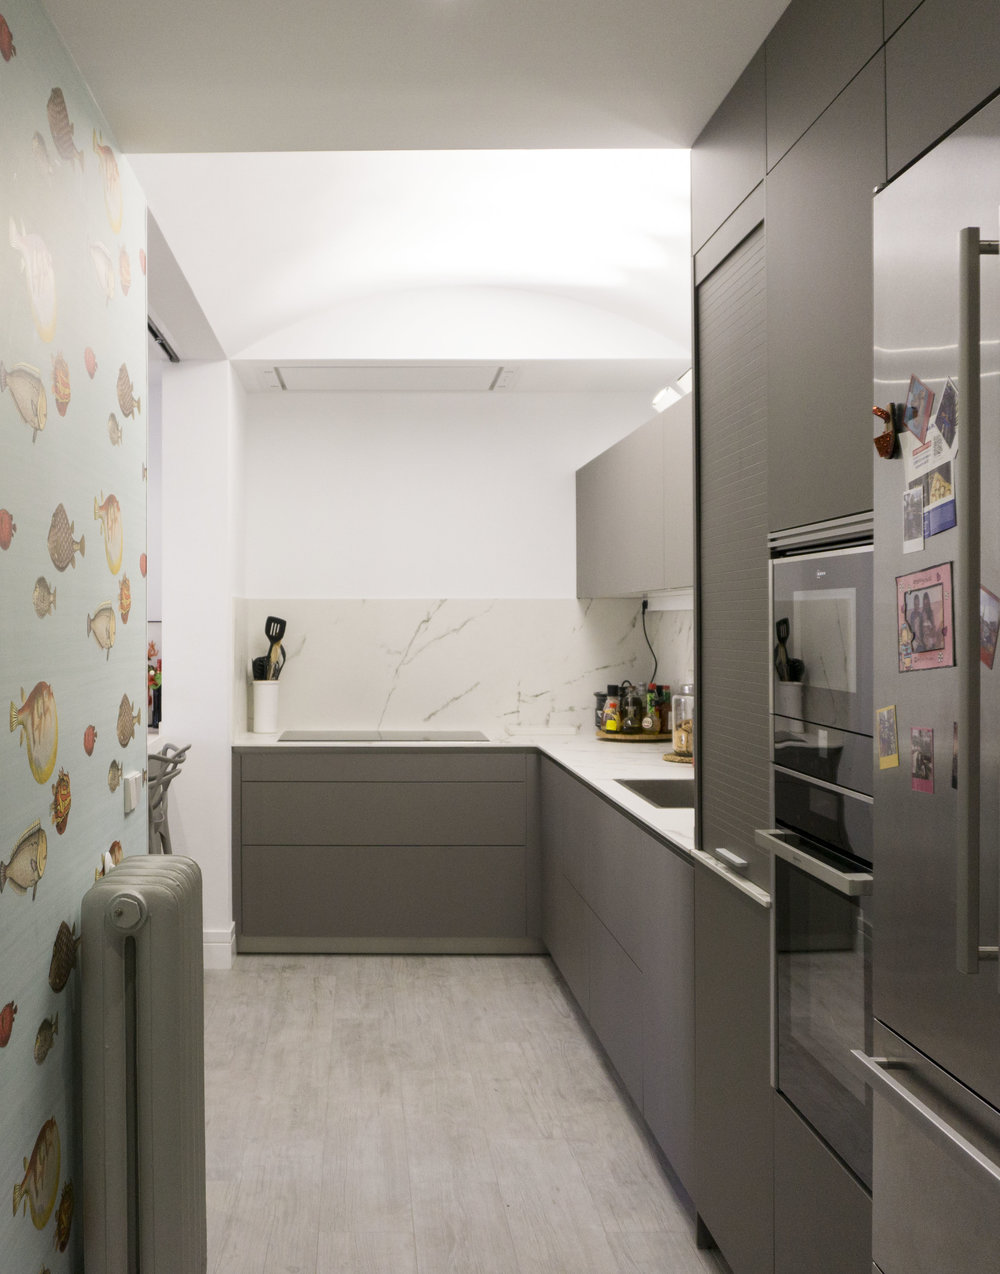 diseño reformas slow emmme studio 04 cocina con papel vivienda Ayala SM.jpg